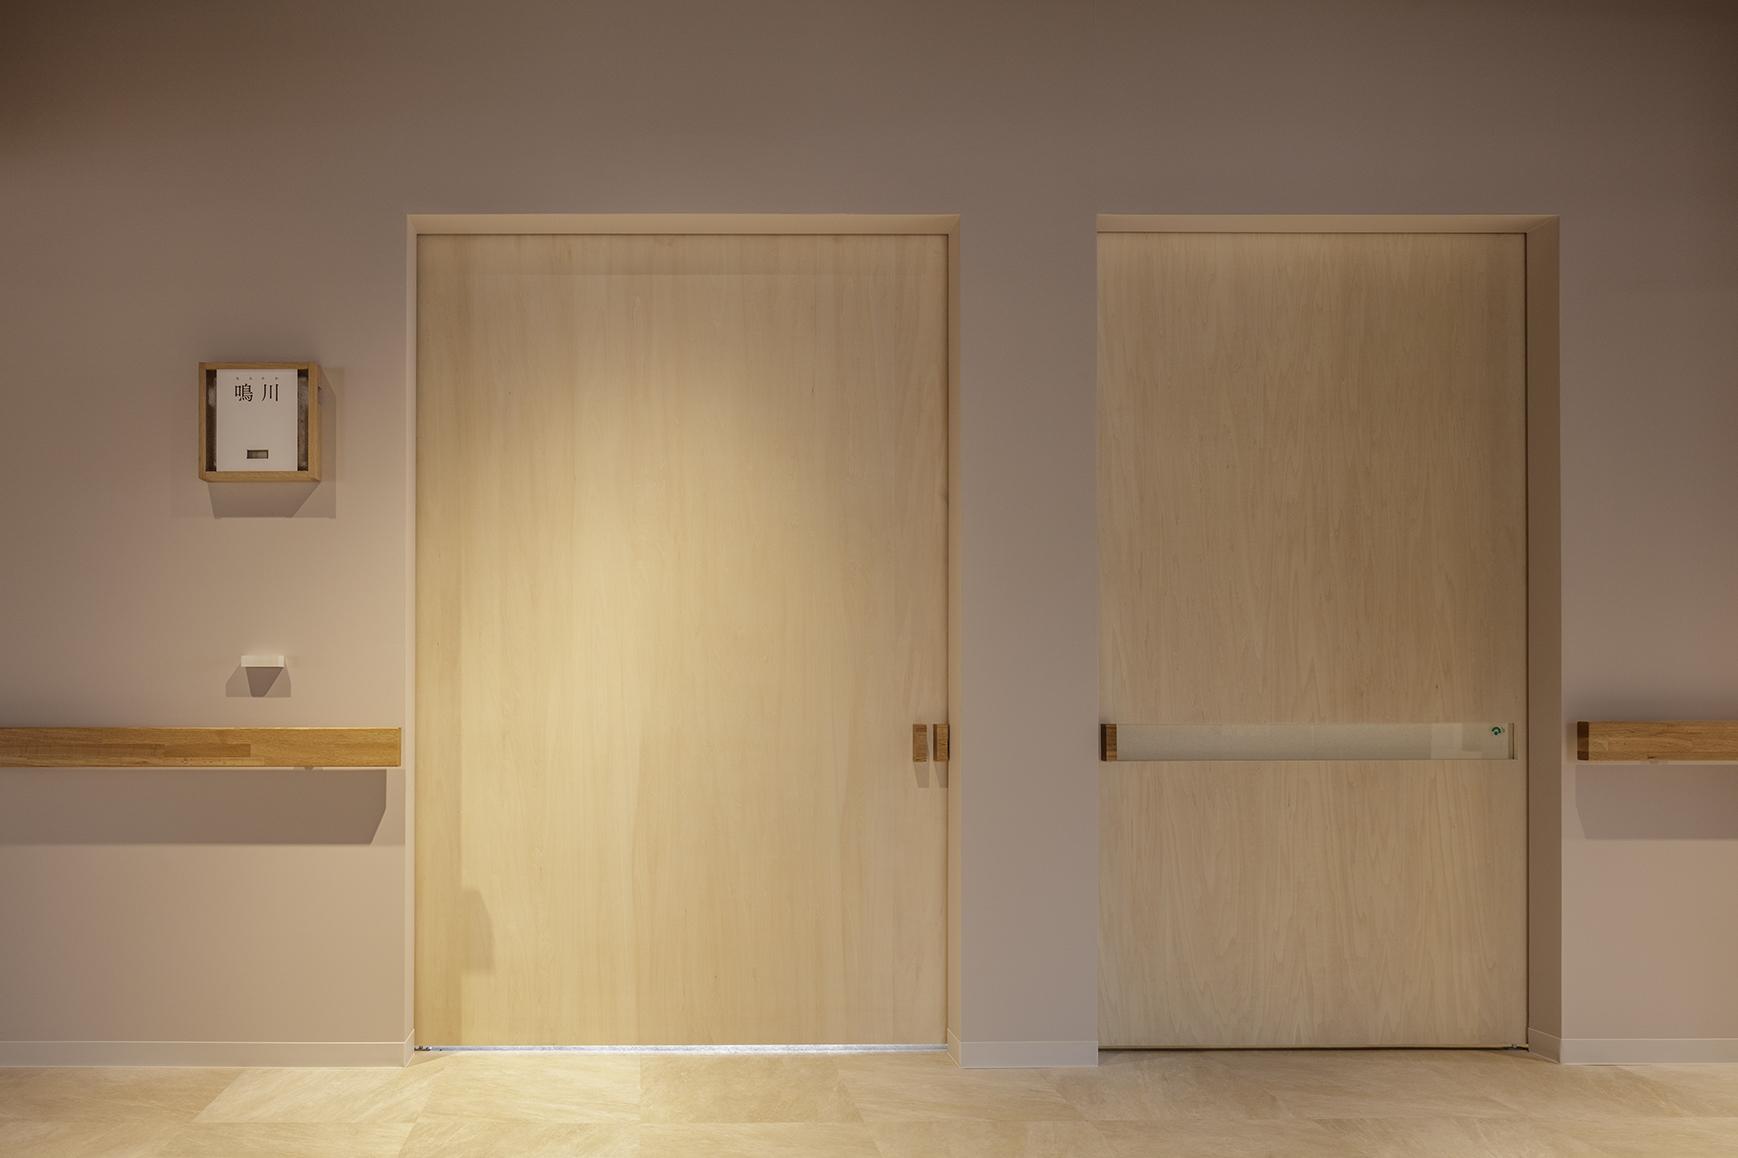 各部屋の扉の横に設置。ブロックが1つの部屋は401を意味しており、407まで増えていく。